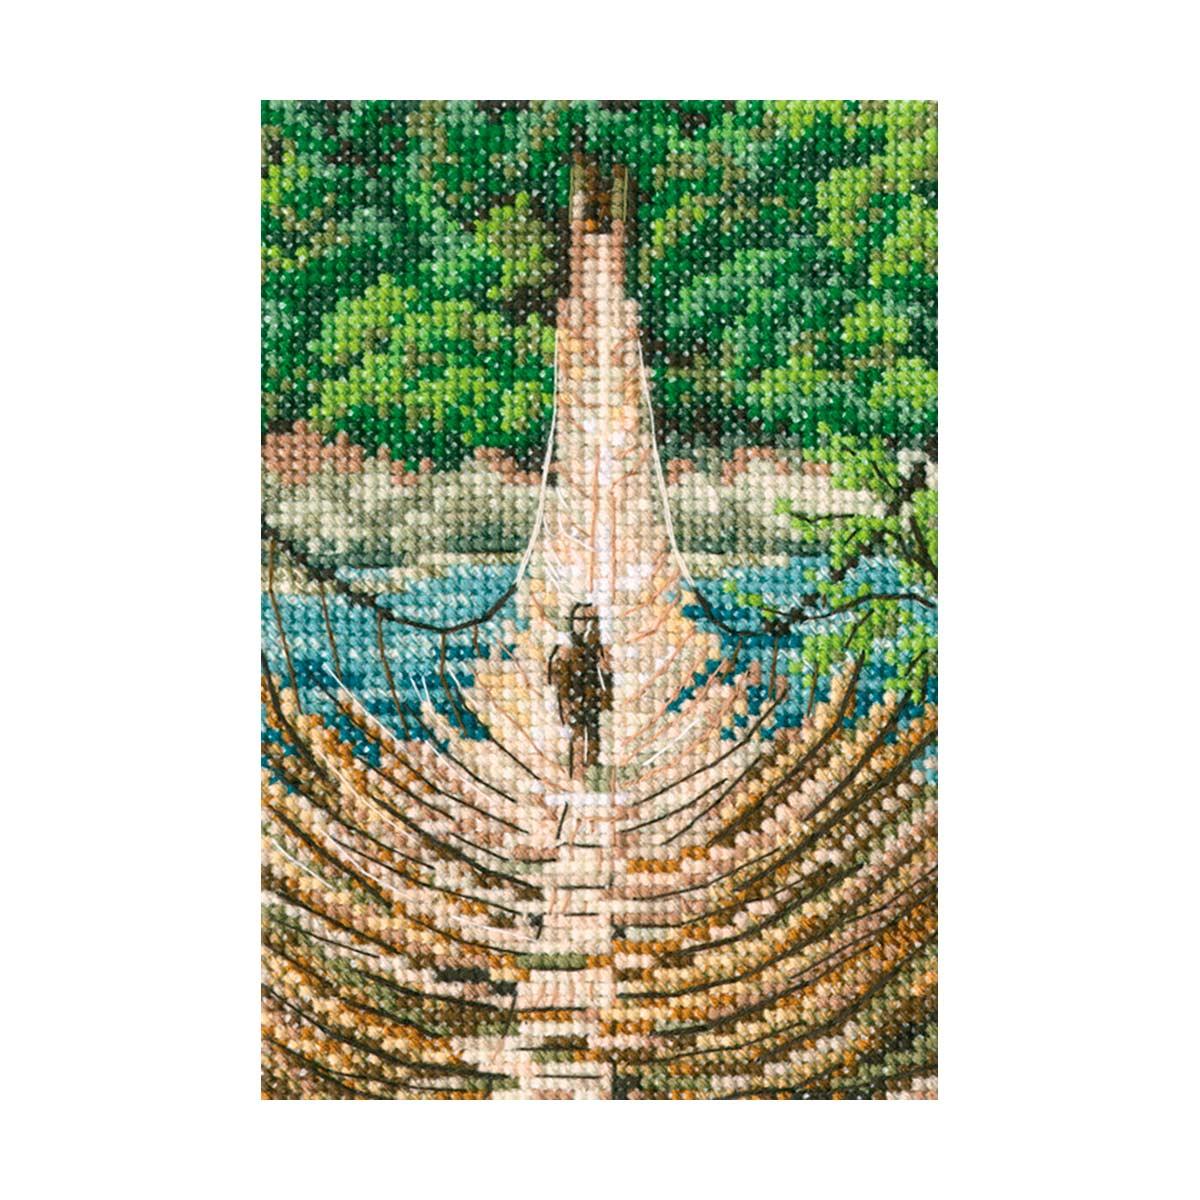 С311 Набор для вышивания РТО 'Подвесной бамбуковый мост на реке Сианг'9x13,5см